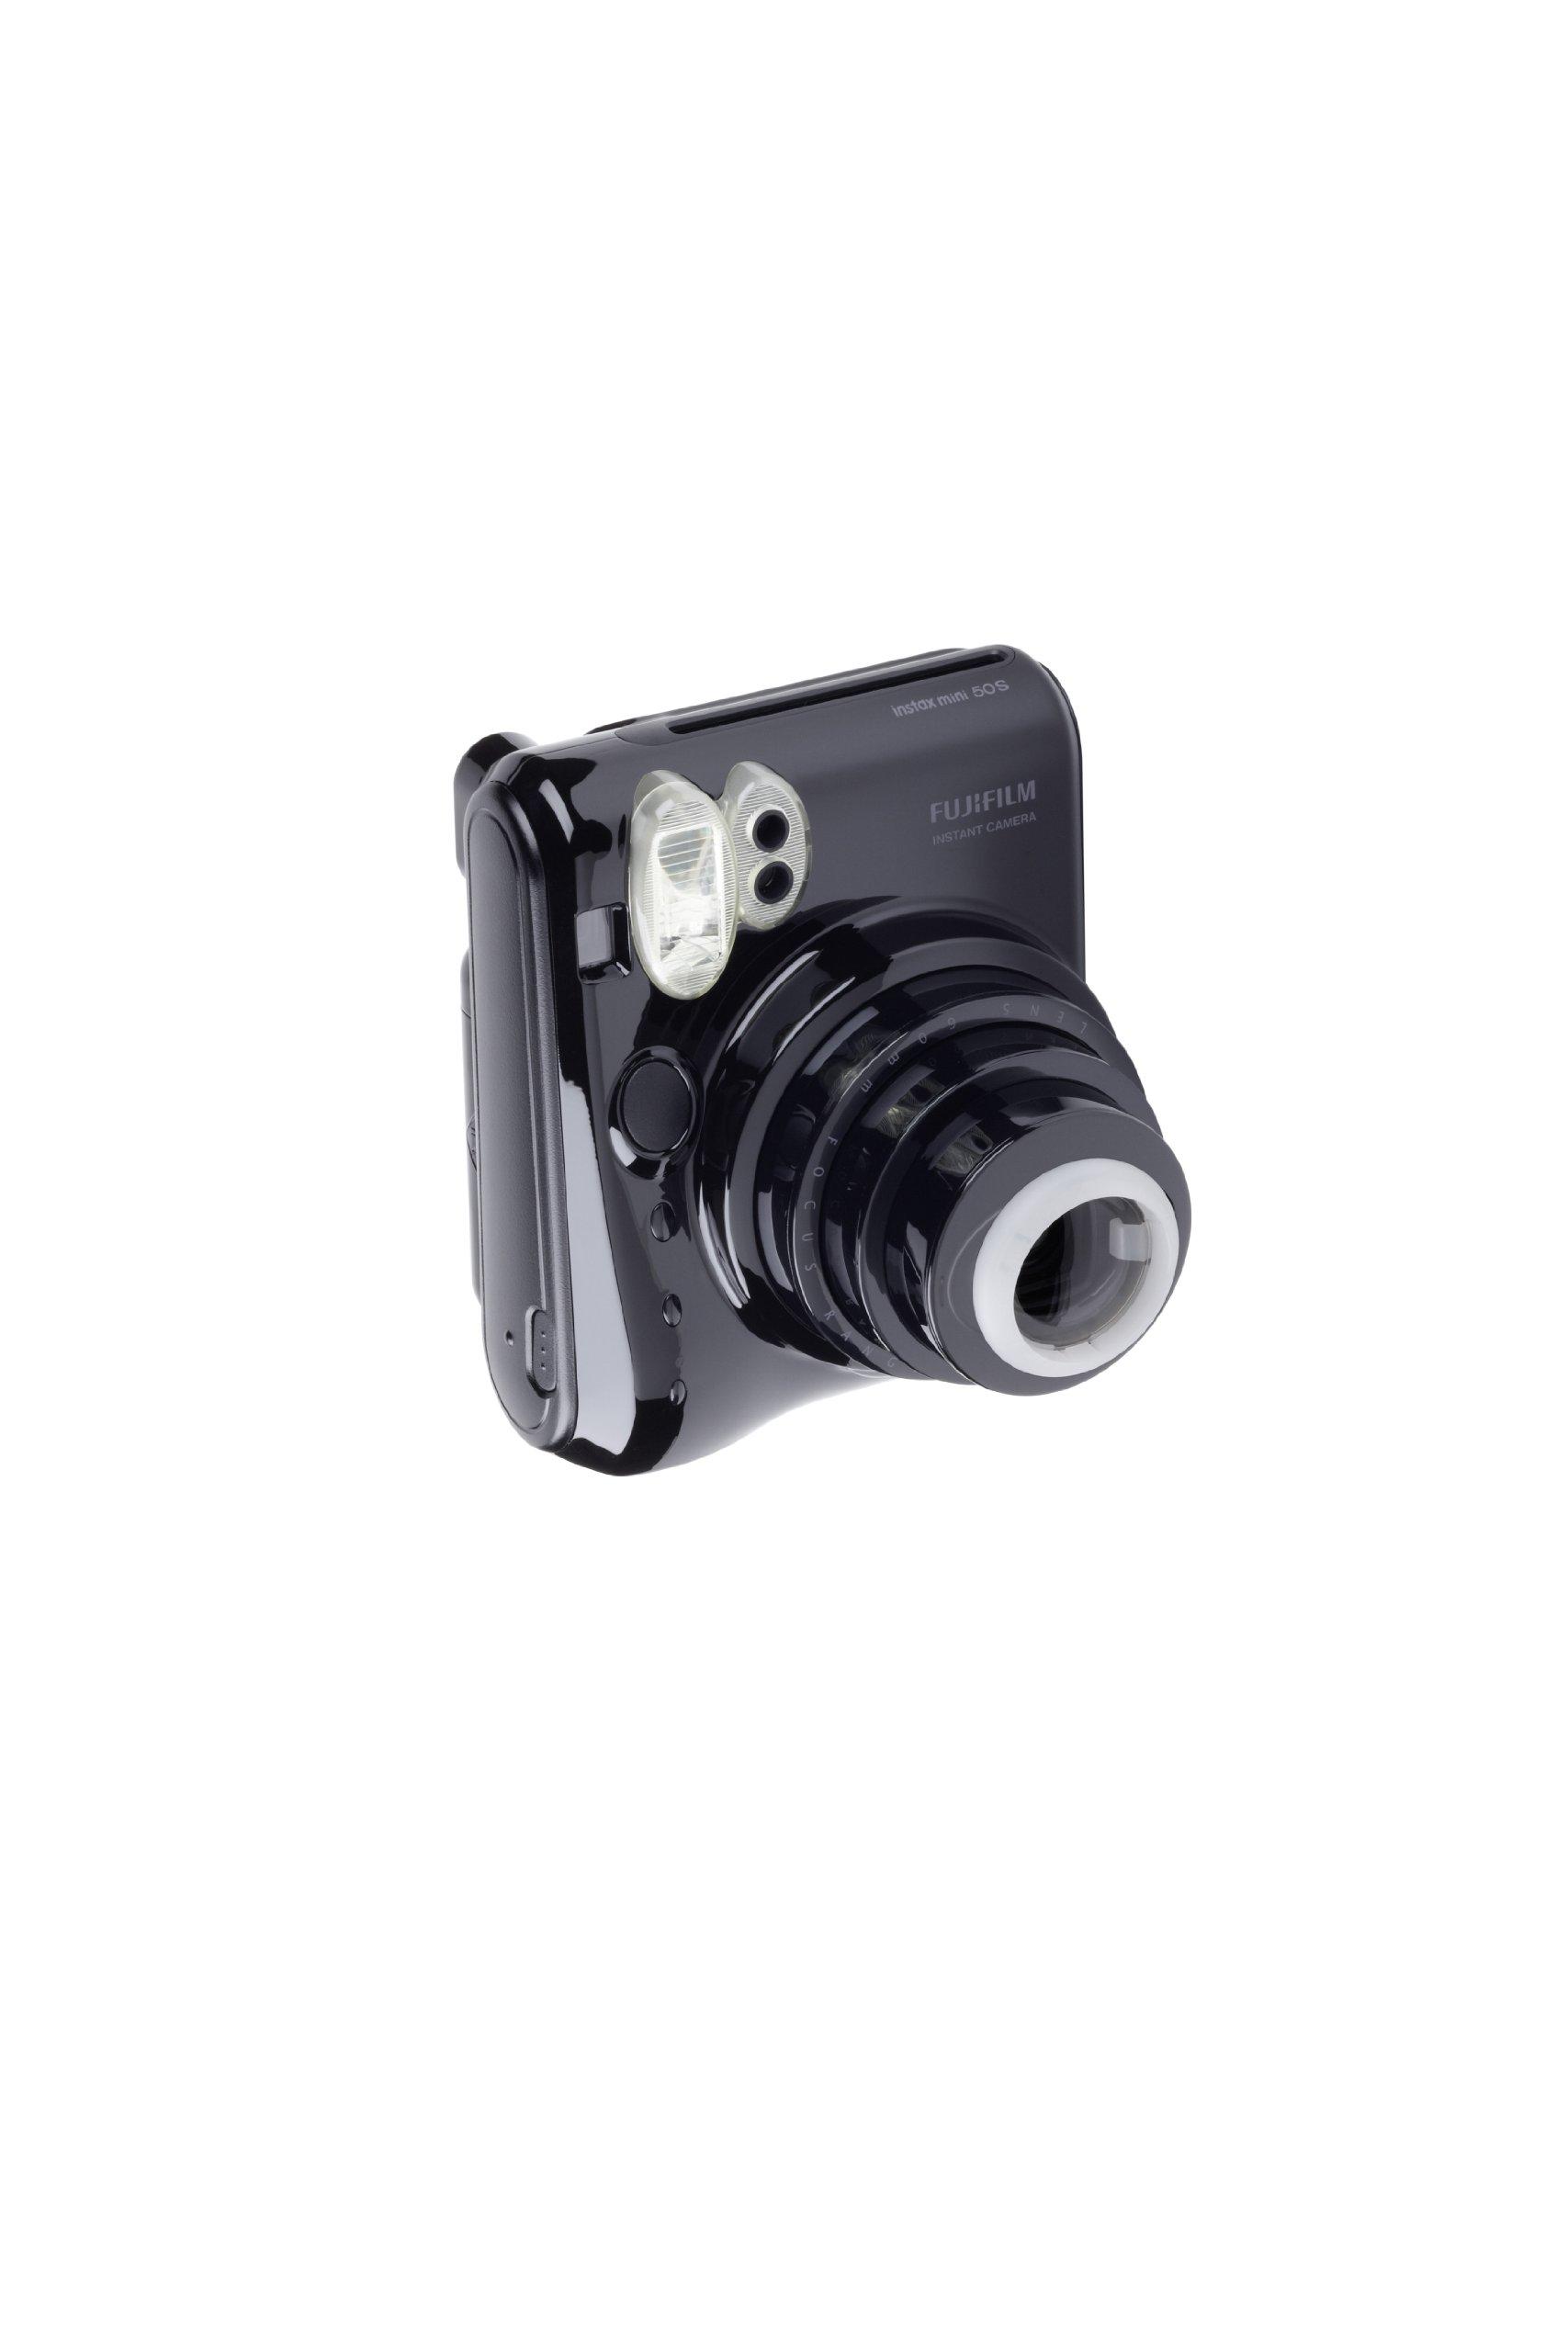 Fujifilm Instax Mini 50S Camera (Piano Black) by Fujifilm